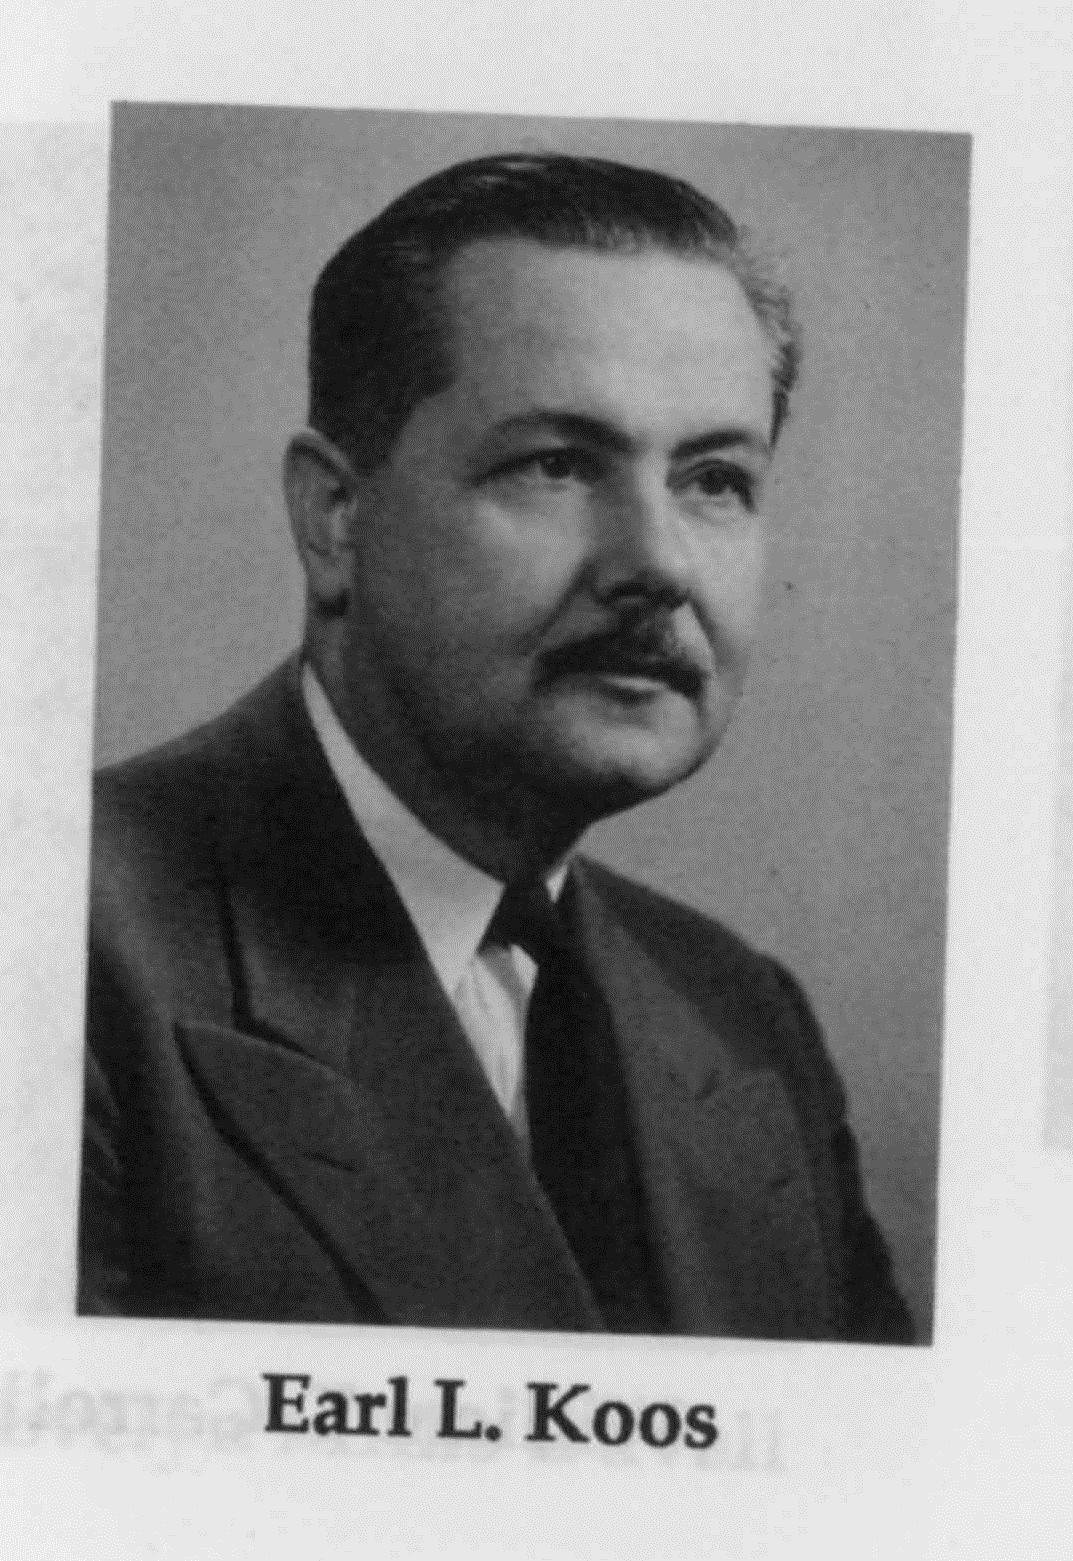 Earl Koos